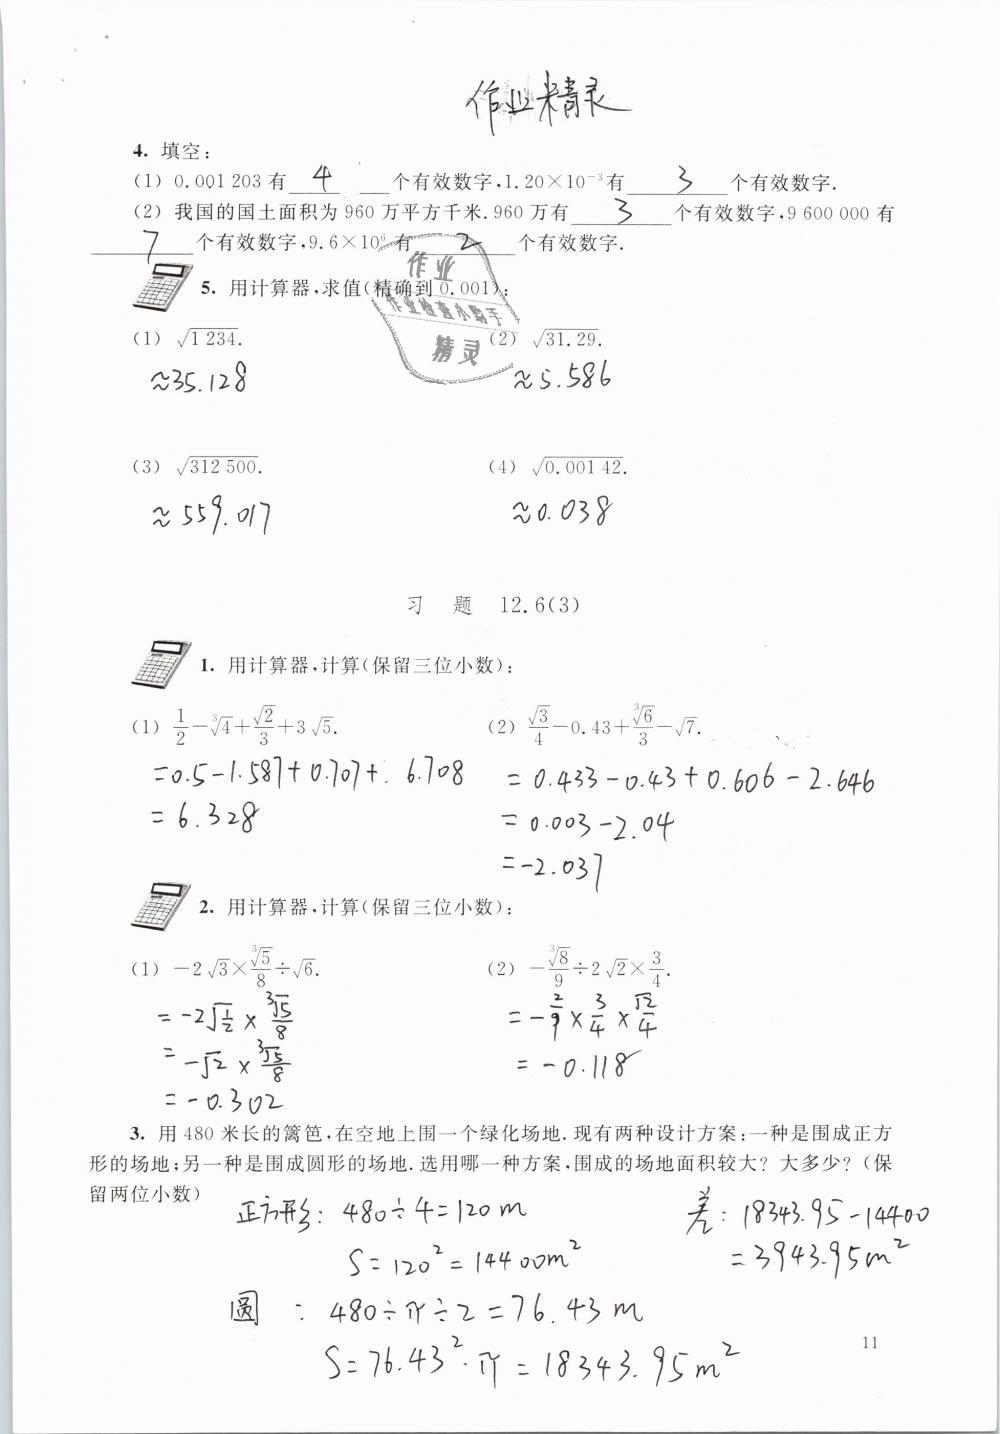 2019年数学练习部分七年级第二学期第11页